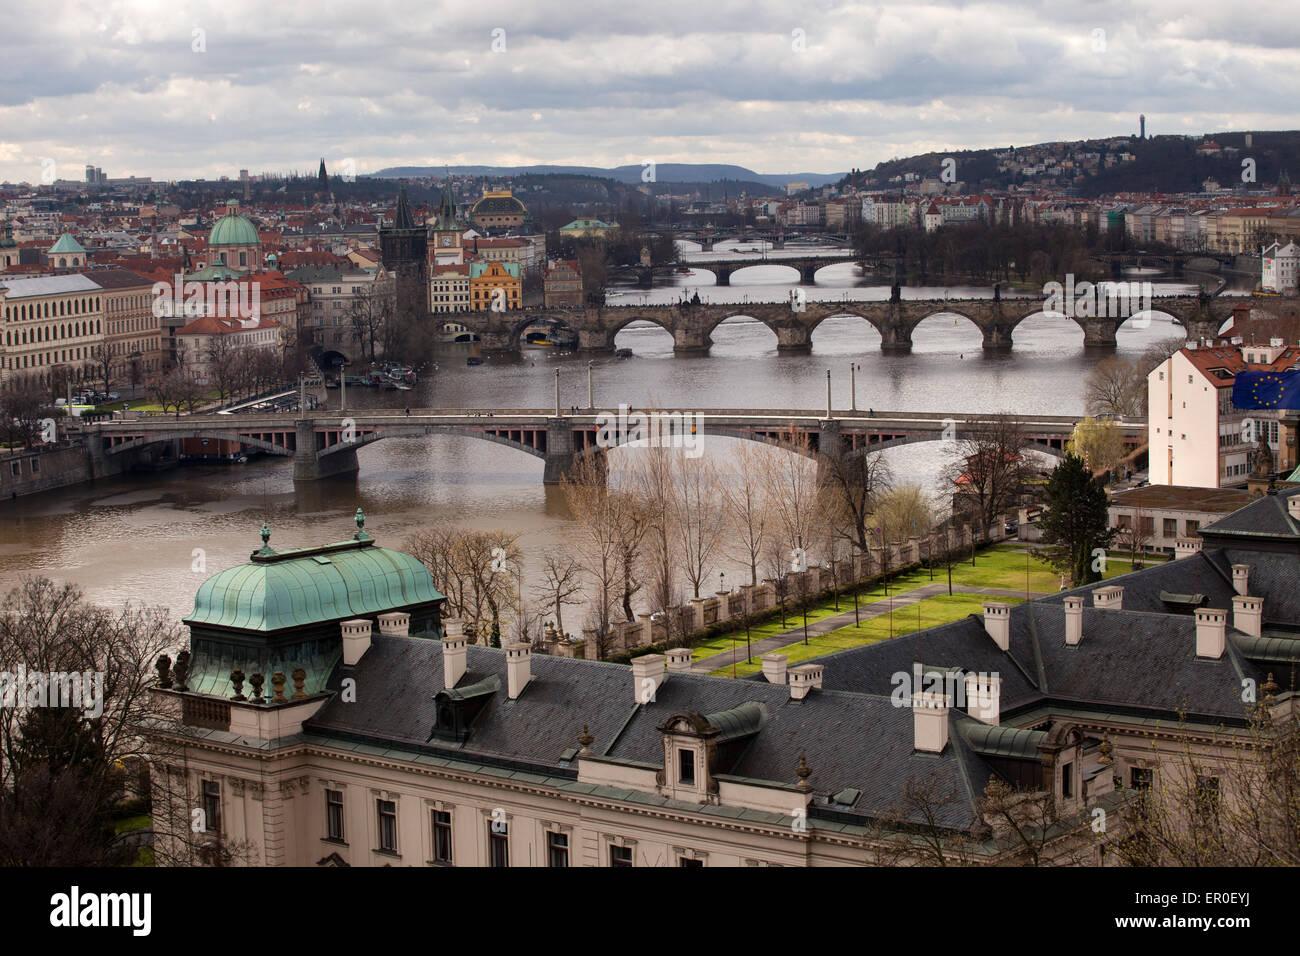 Letna Park: Prague Bridges - Stock Image